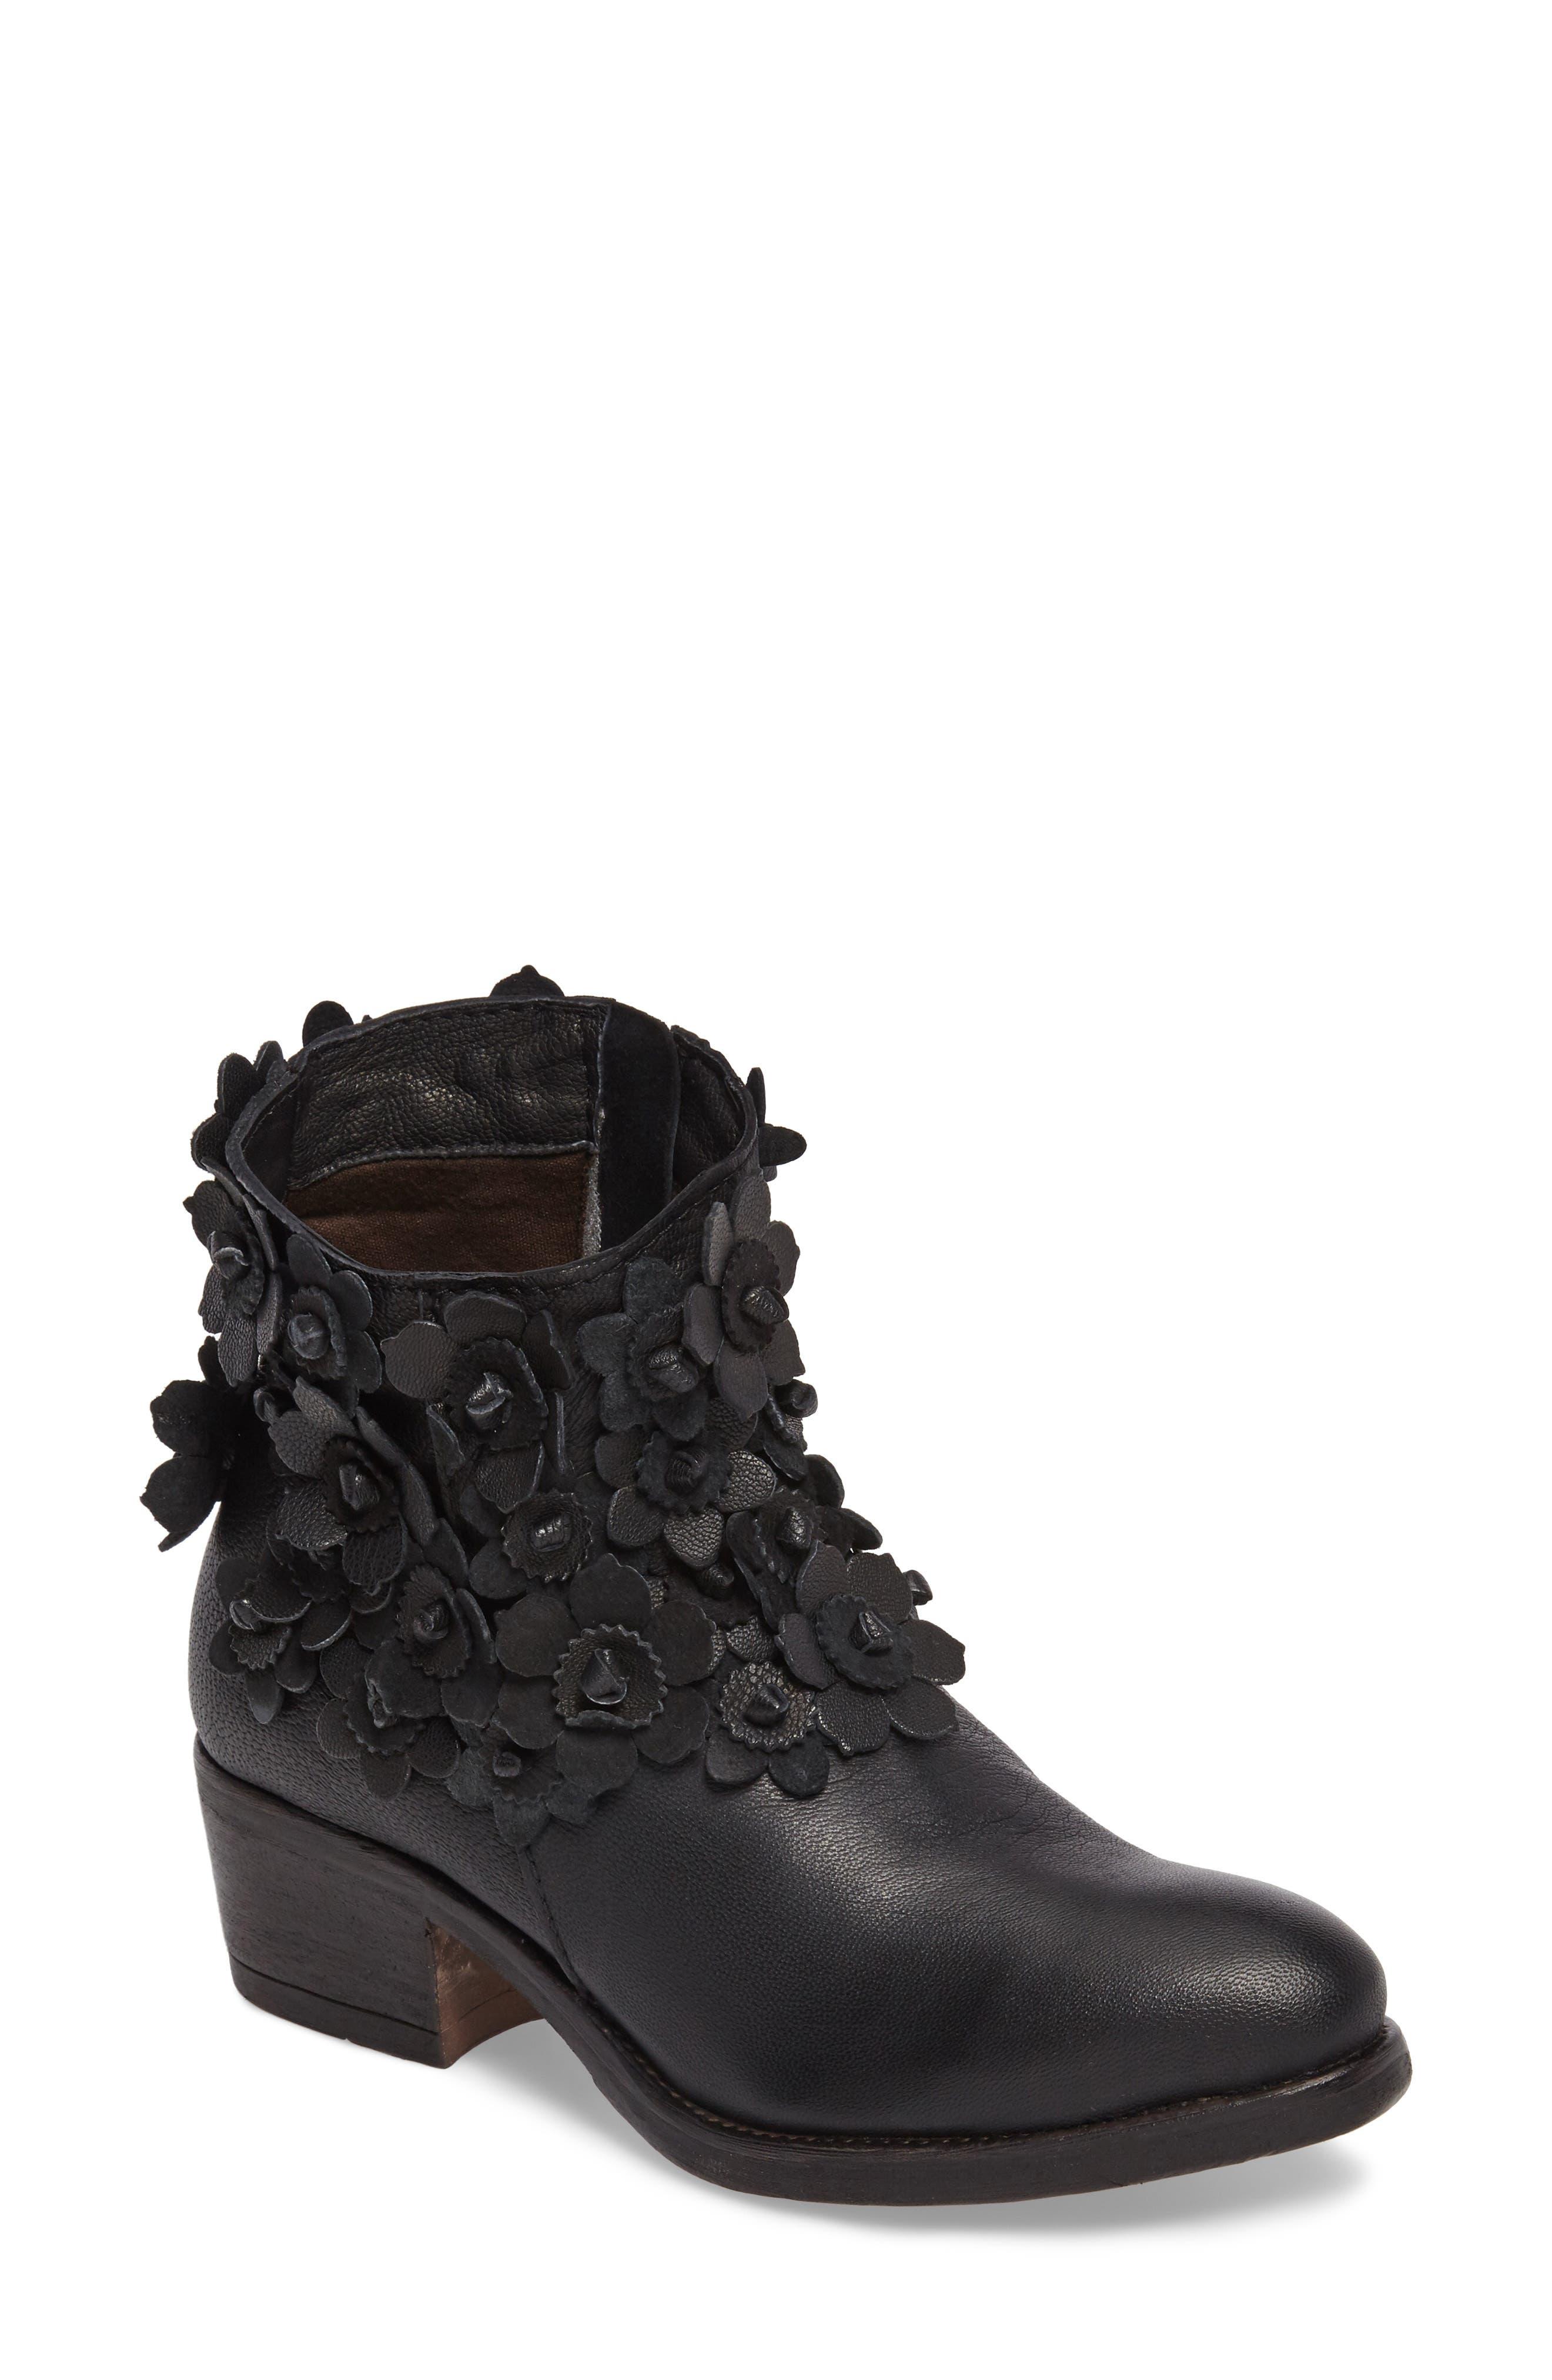 Saffron Bootie,                         Main,                         color, Black Leather